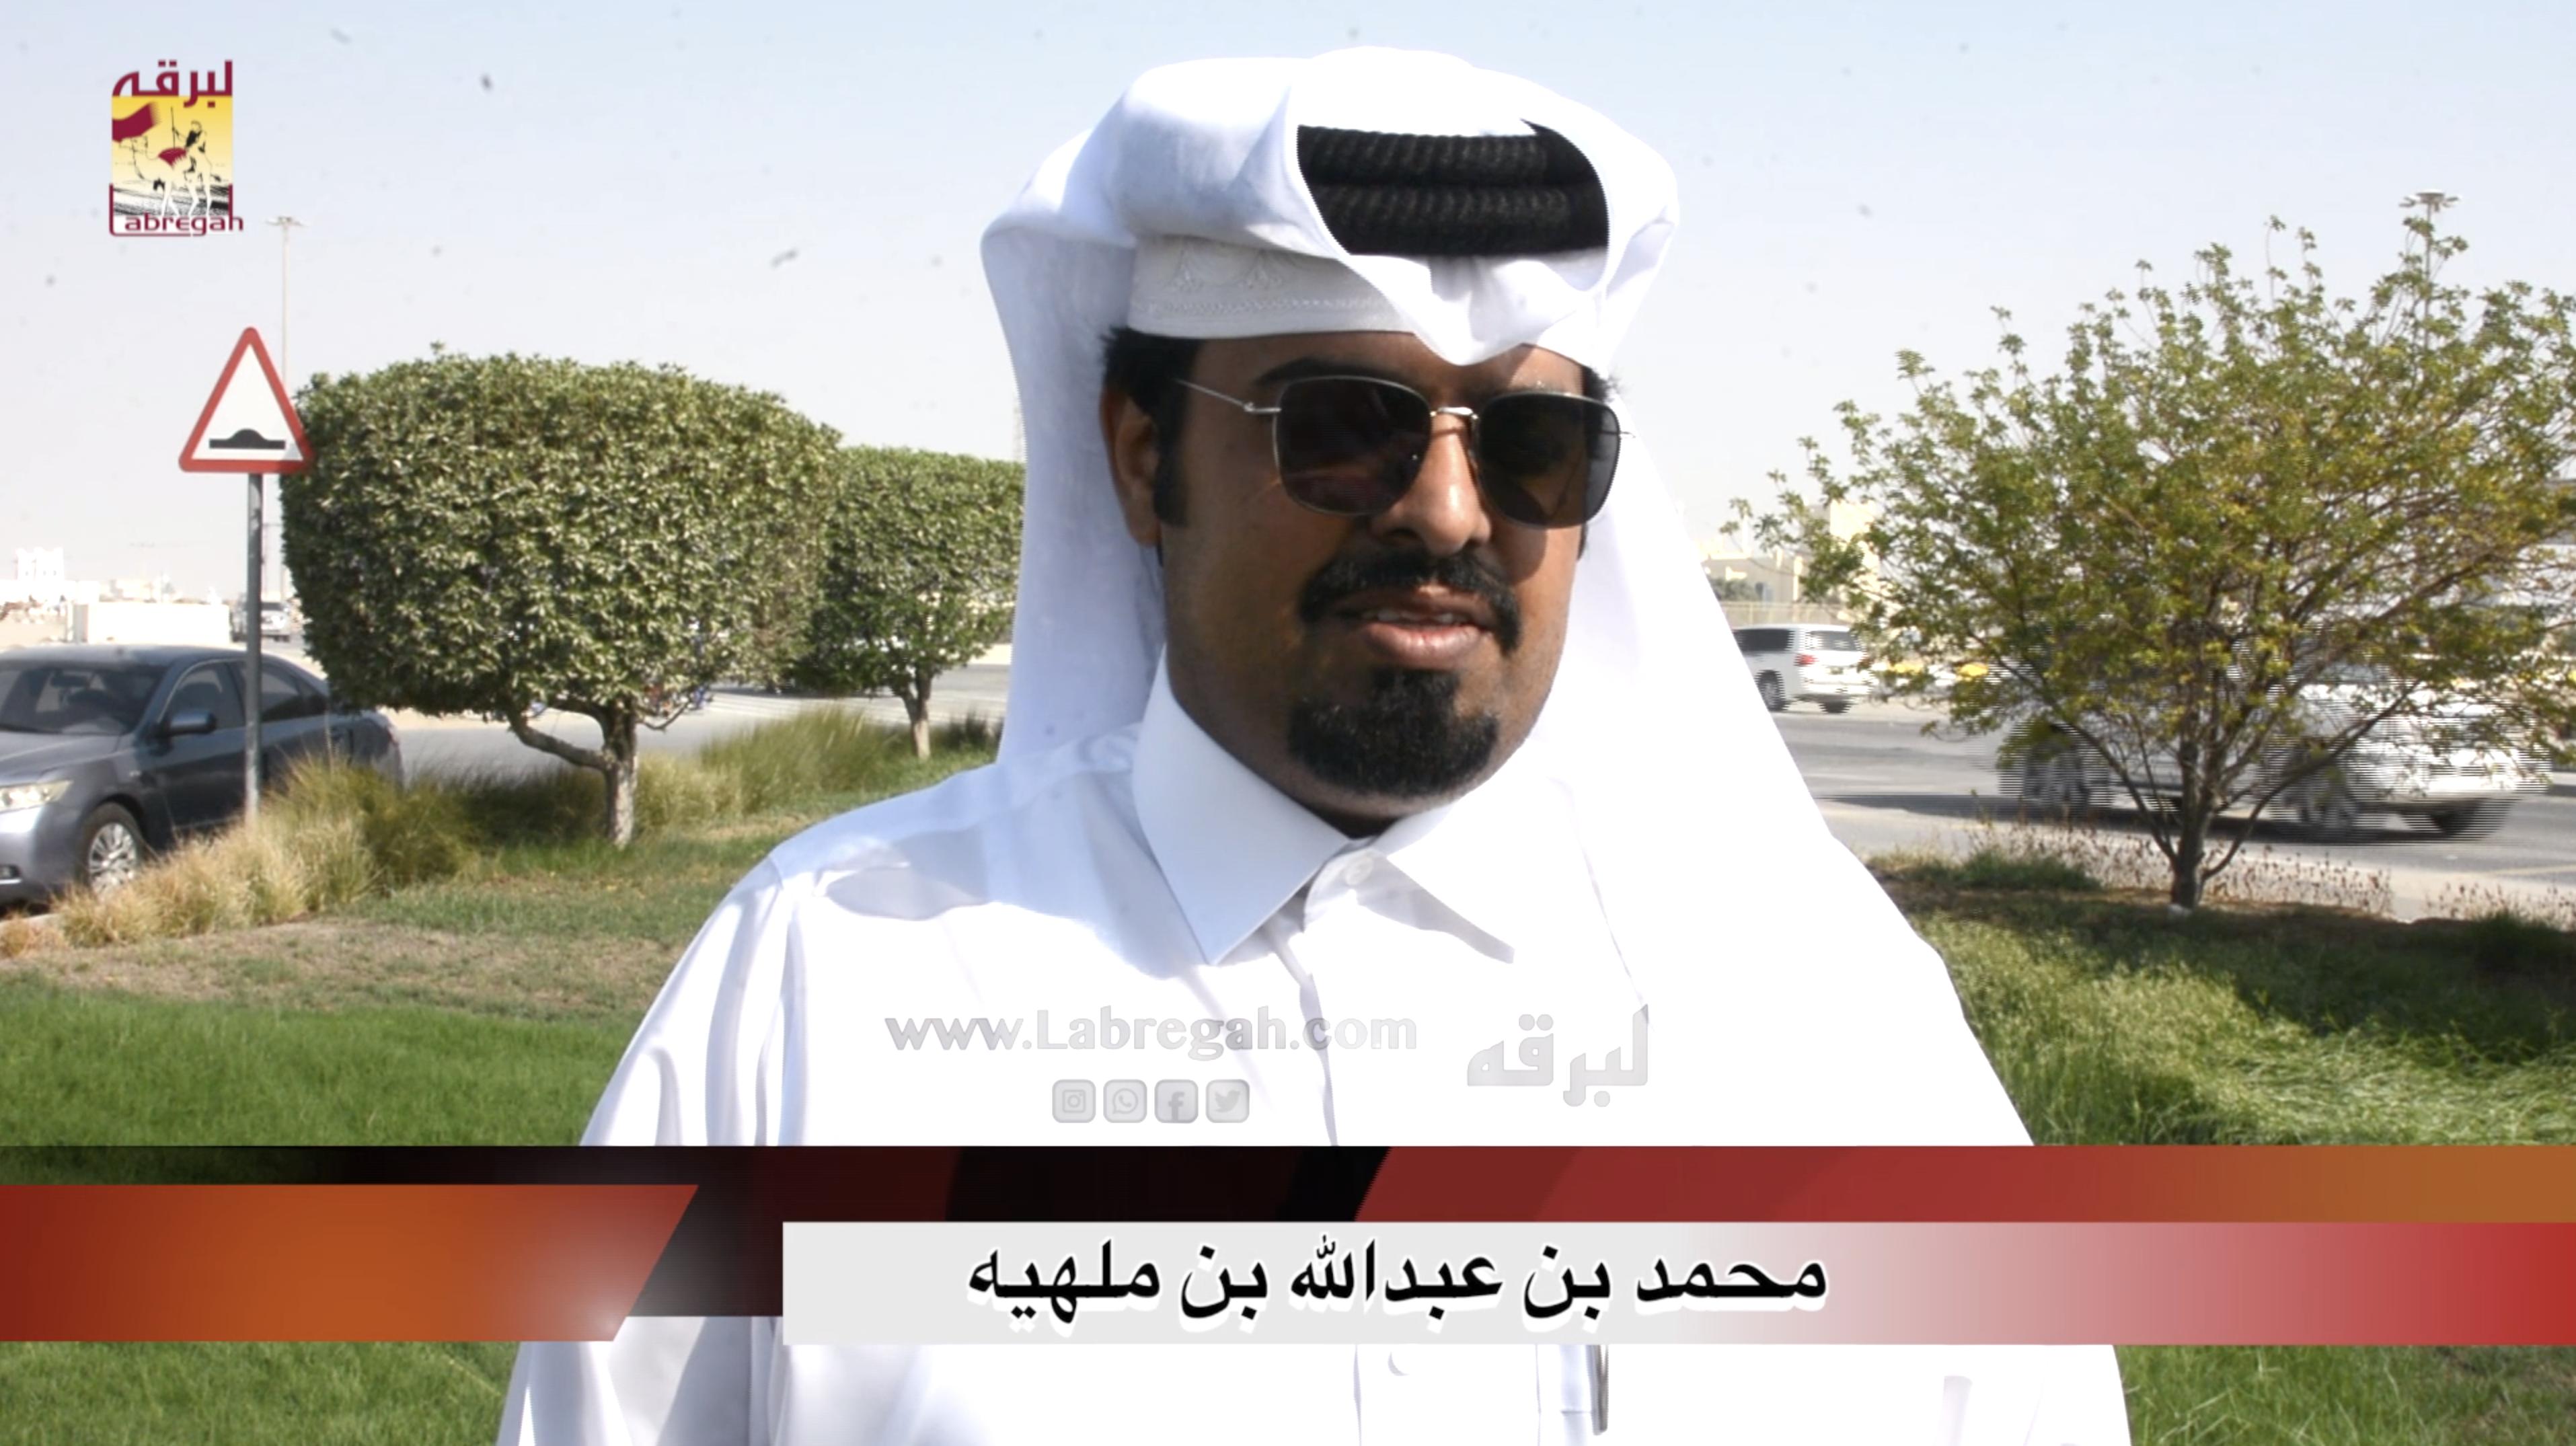 لقاء مع محمد بن عبدالله بن ملهيه.. الشوط الرئيسي للجذاع بكار مفتوح صباح ٩-٩-٢٠٢٠